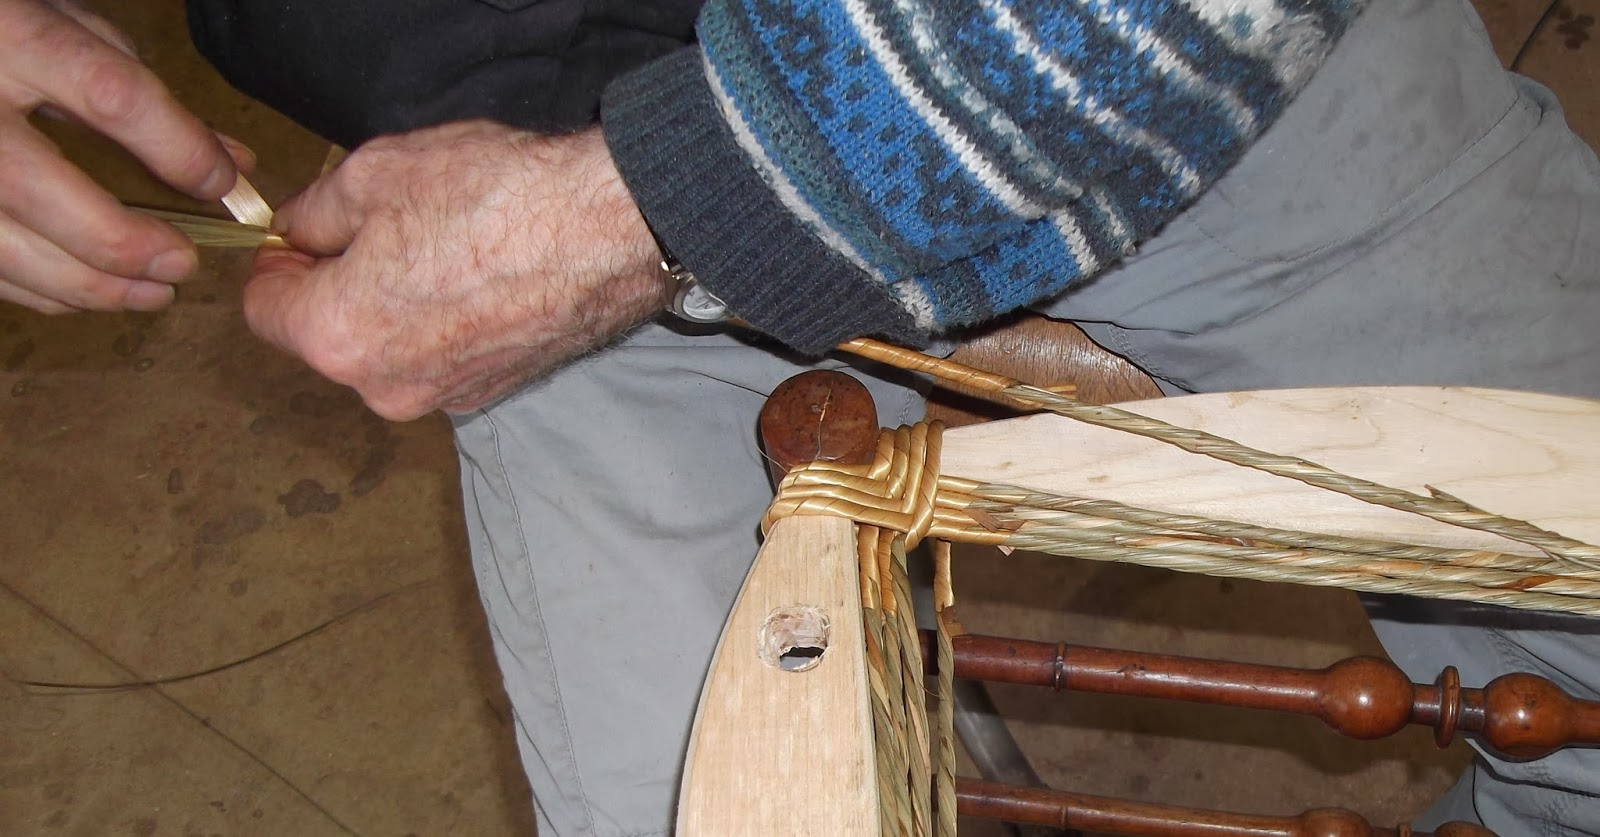 chaiserie artisanale d 39 angers rempaillage le paillage. Black Bedroom Furniture Sets. Home Design Ideas